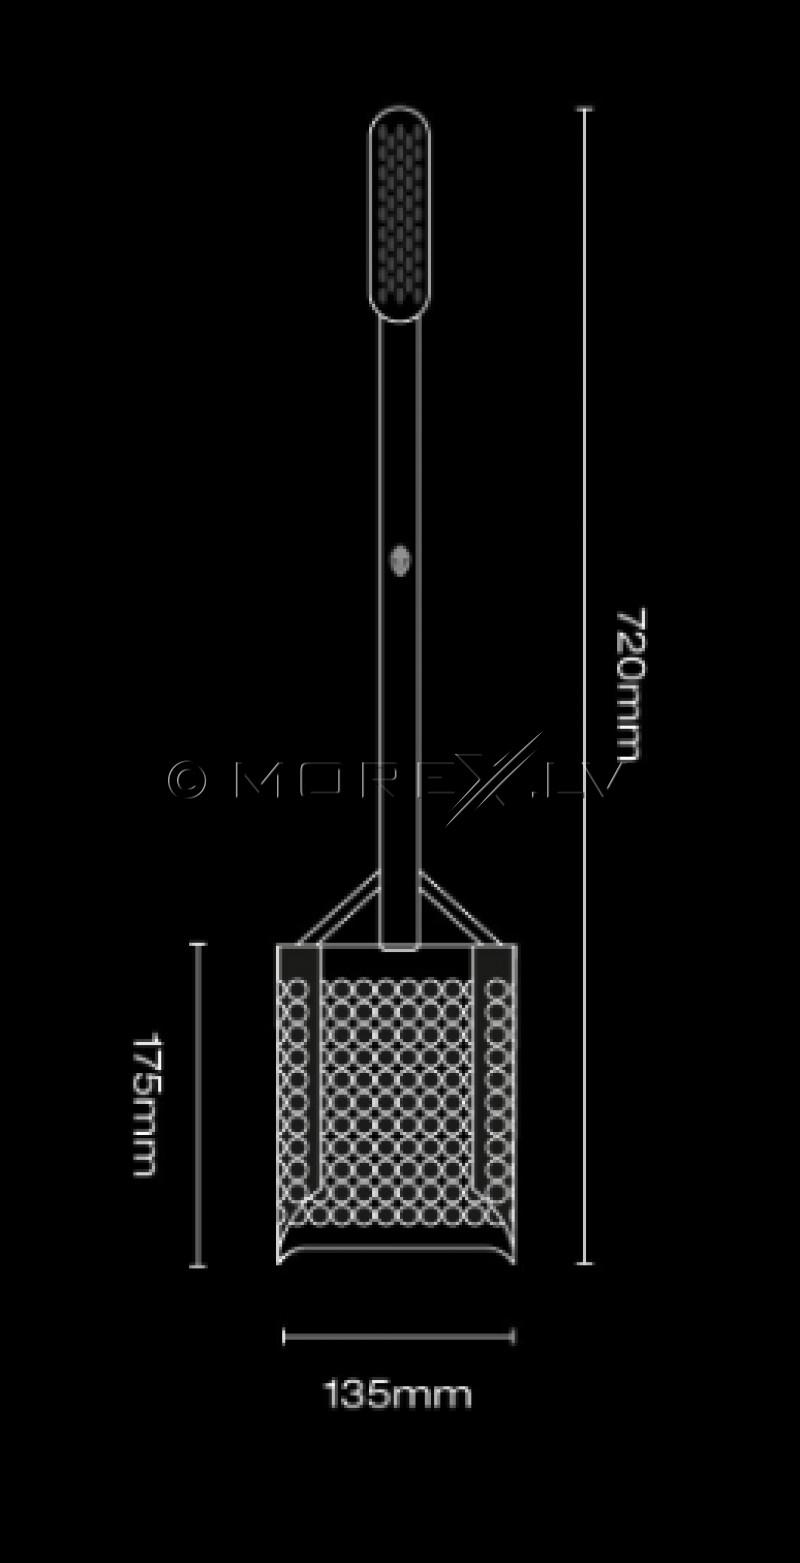 Speciālā lāpsta Black Ada Sandscoop (Stainless Steel) monētu un dārgumu meklēšanai